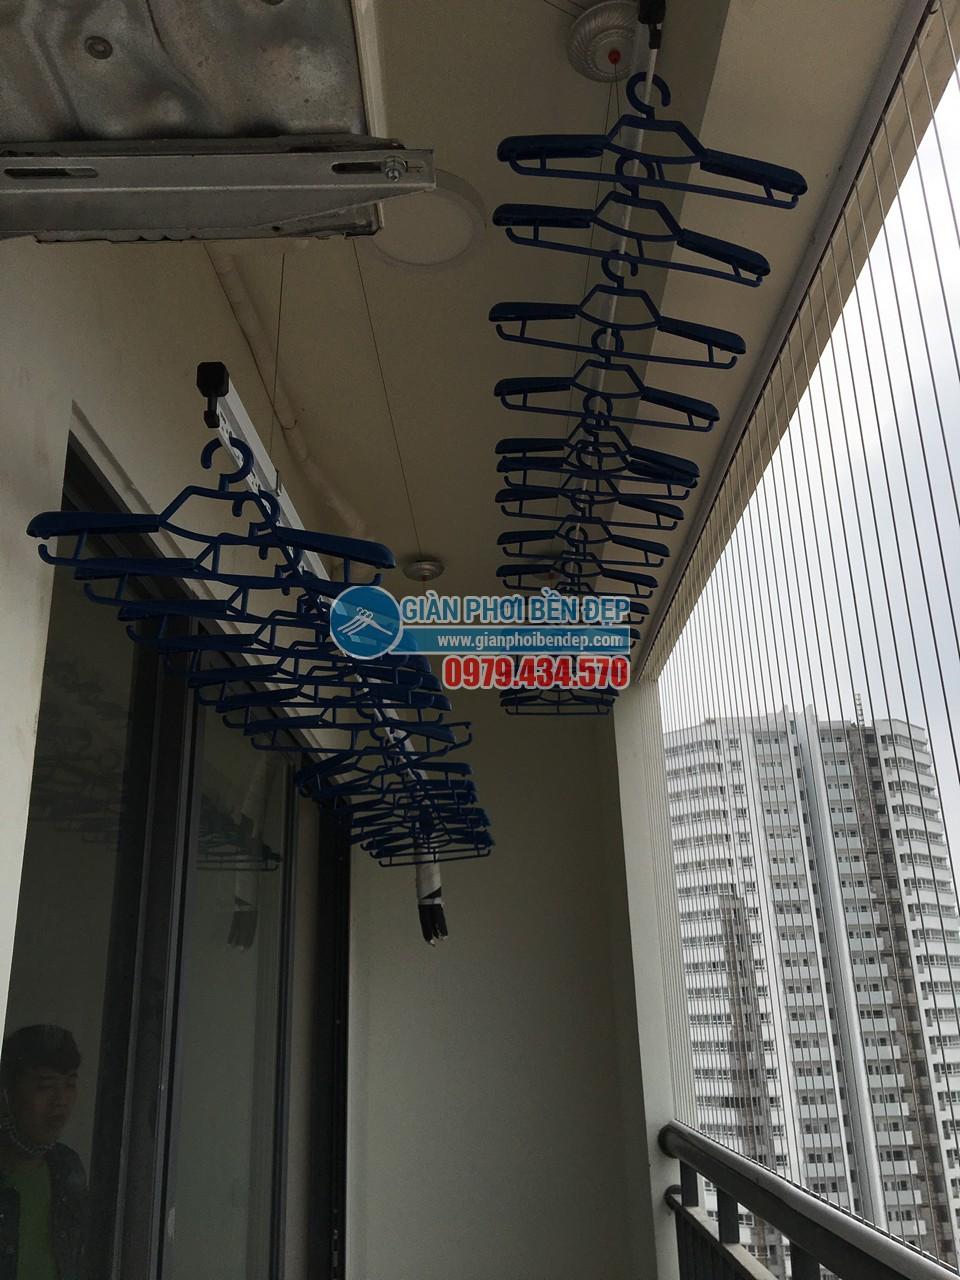 Bán buôn linh kiện giàn phơi thông minh giá rẻ, chính hãng tại Hà Nội